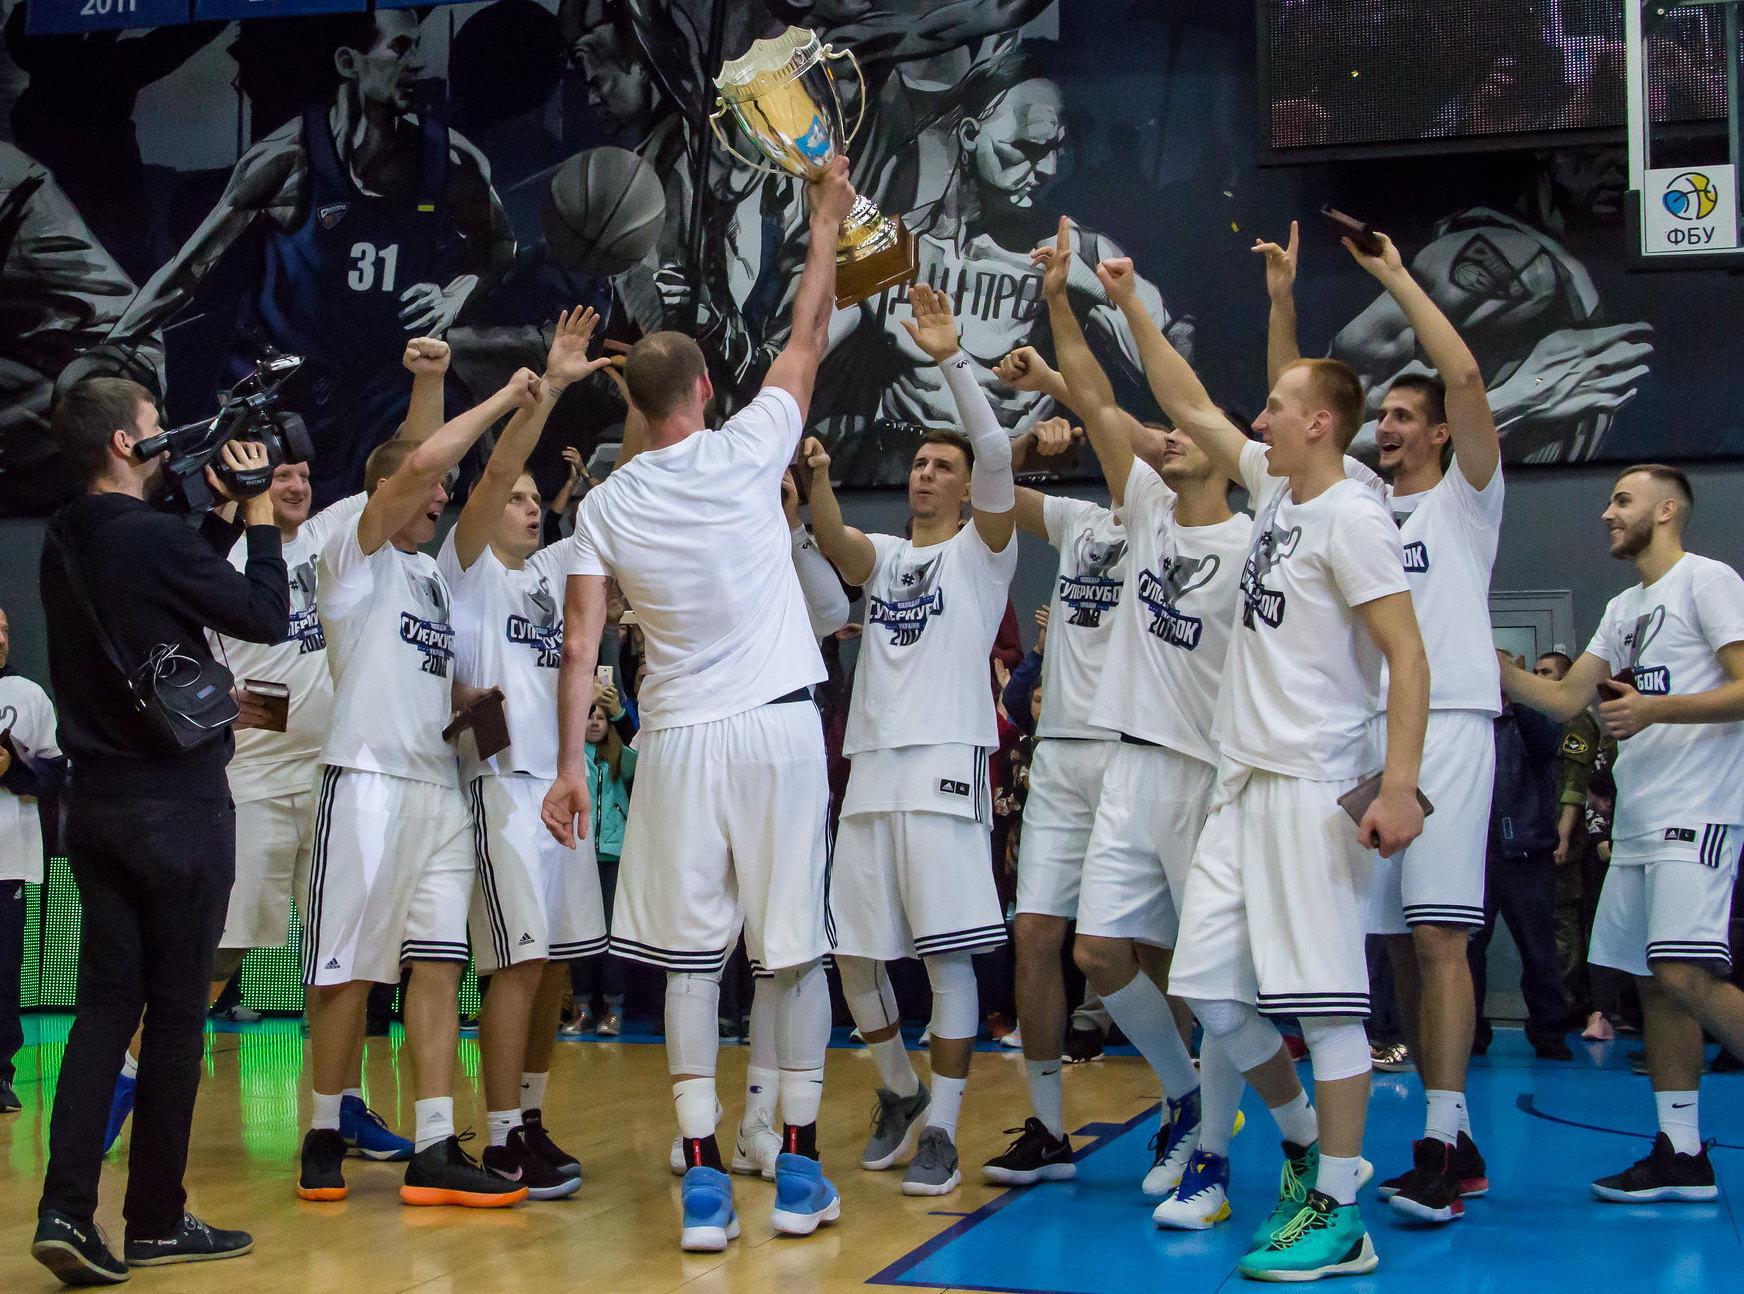 Суперкубок України - перший трофей сезону, який розіграють Хімік та Дніпро